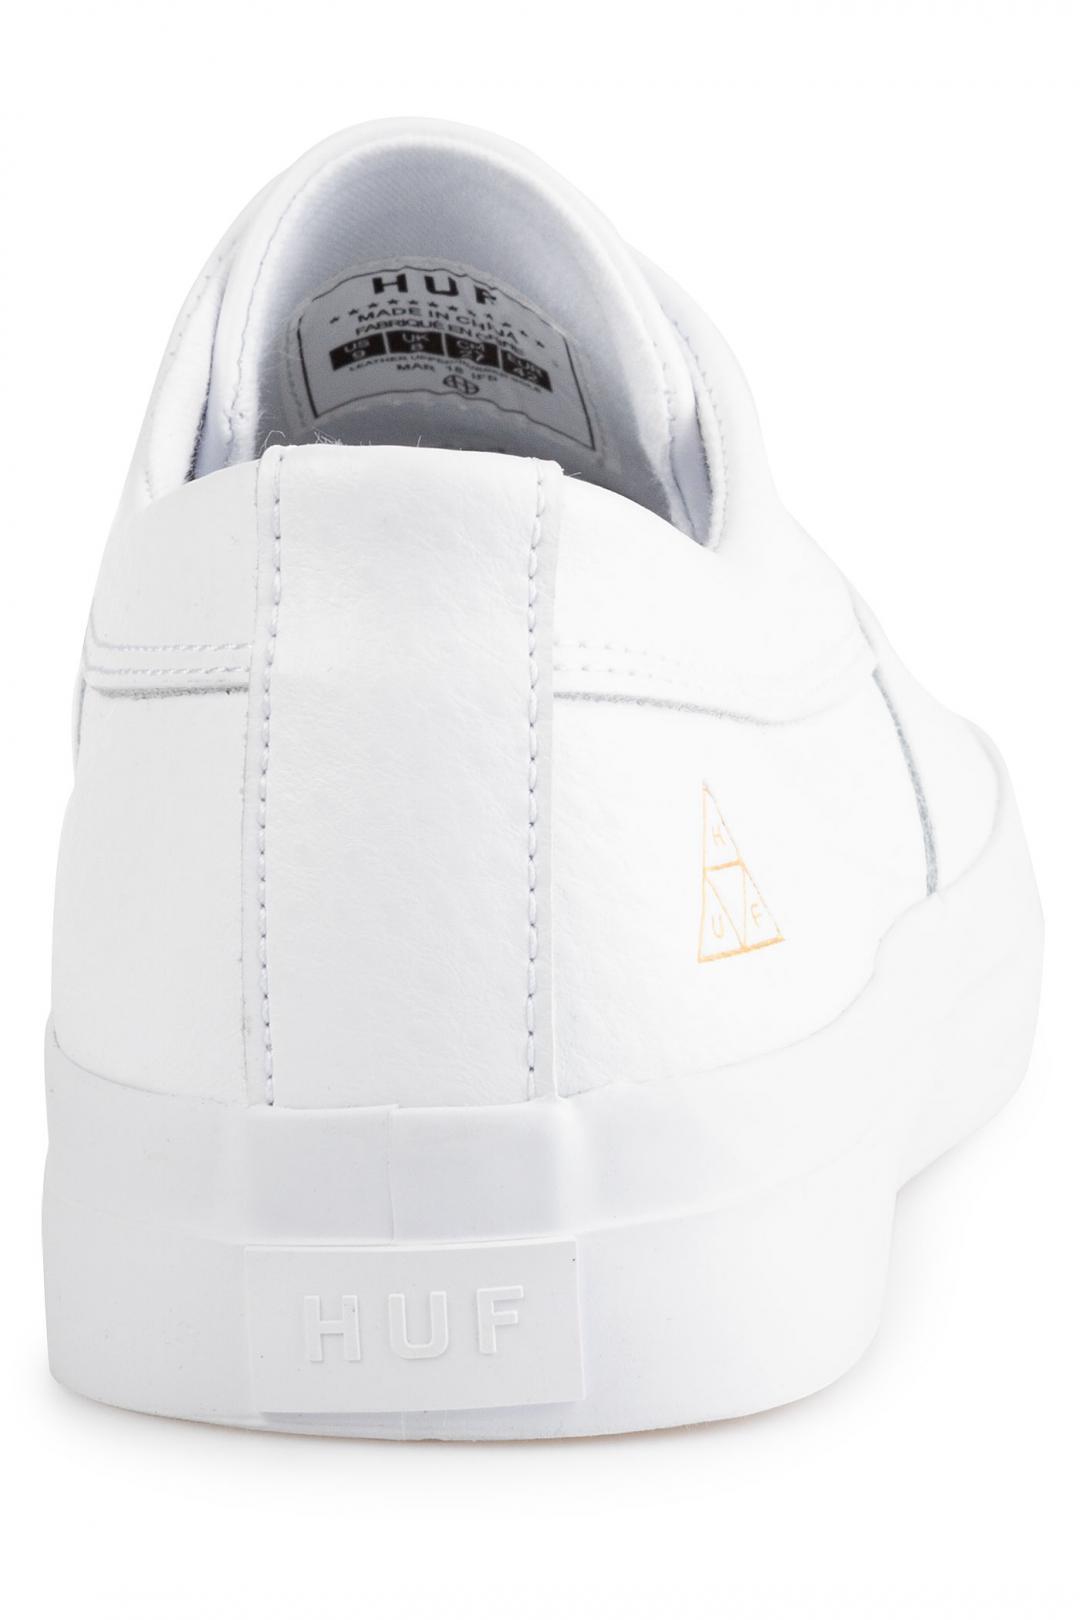 Uomo HUF Dylan Slip On white | Sneakers slip on